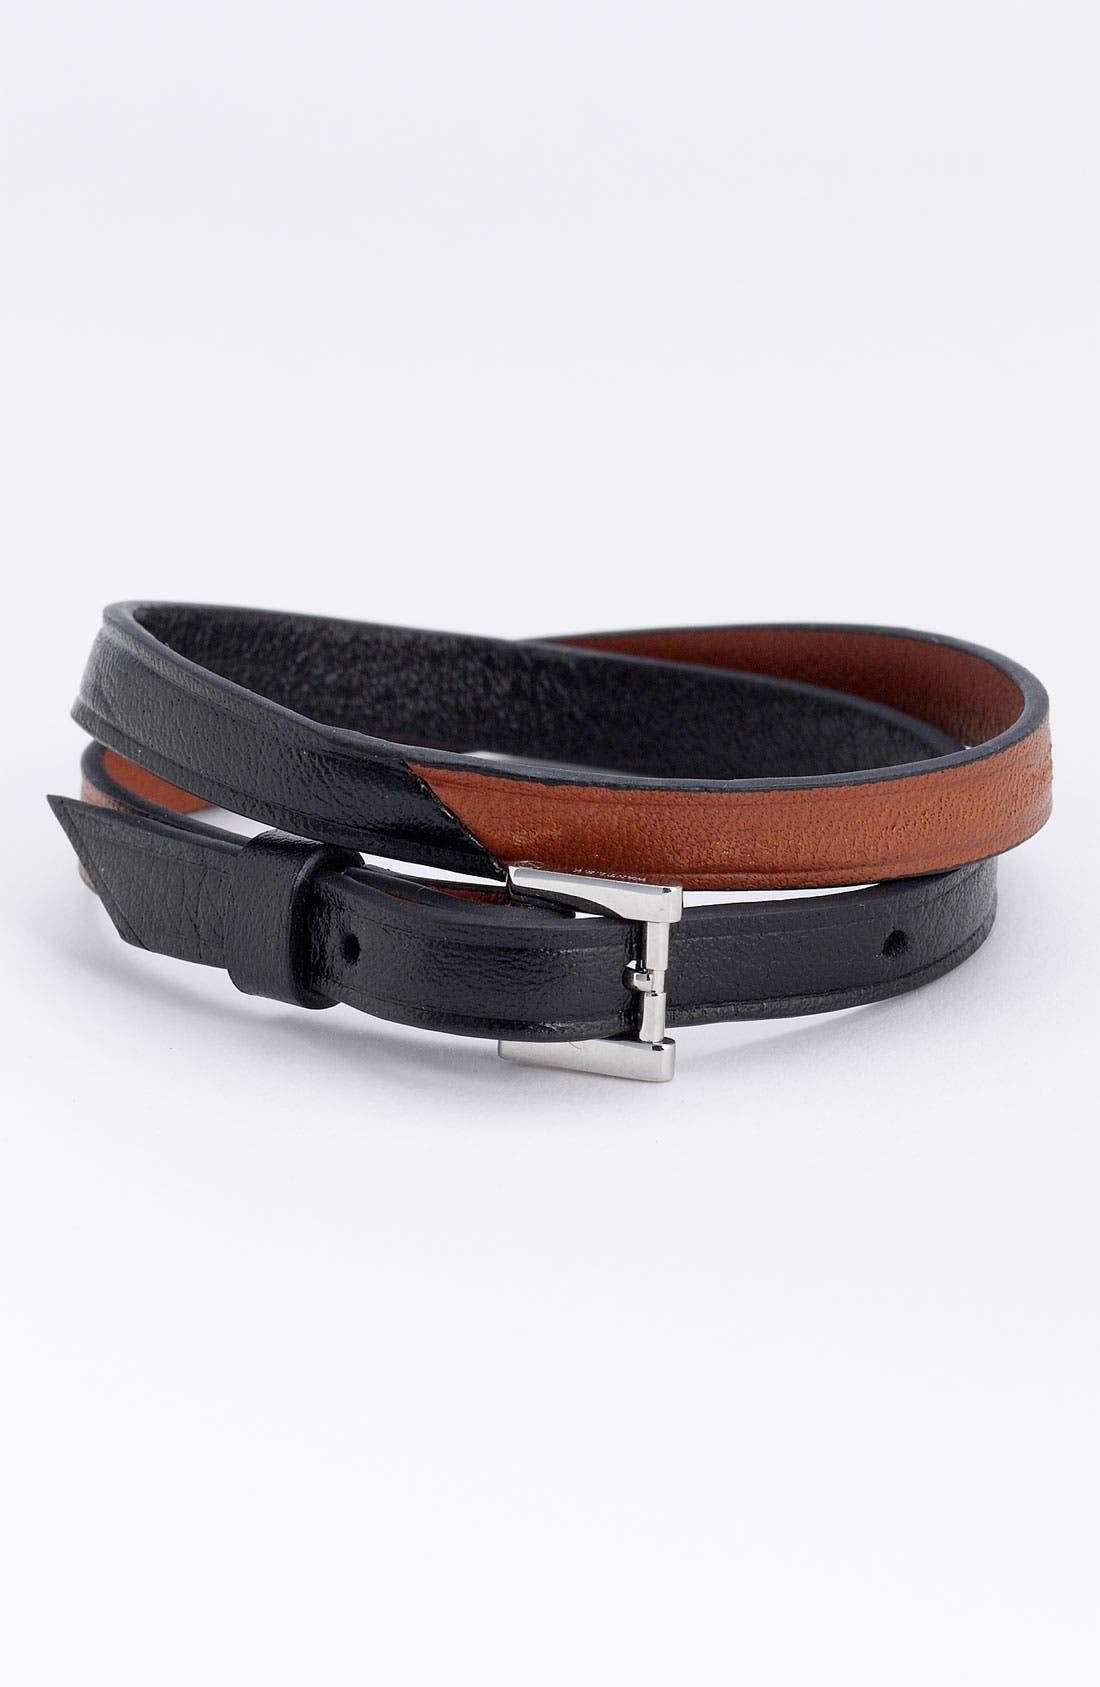 Alternate Image 1 Selected - WANT Les Essentiels de la Vie 'Vantaa' Leather Bracelet